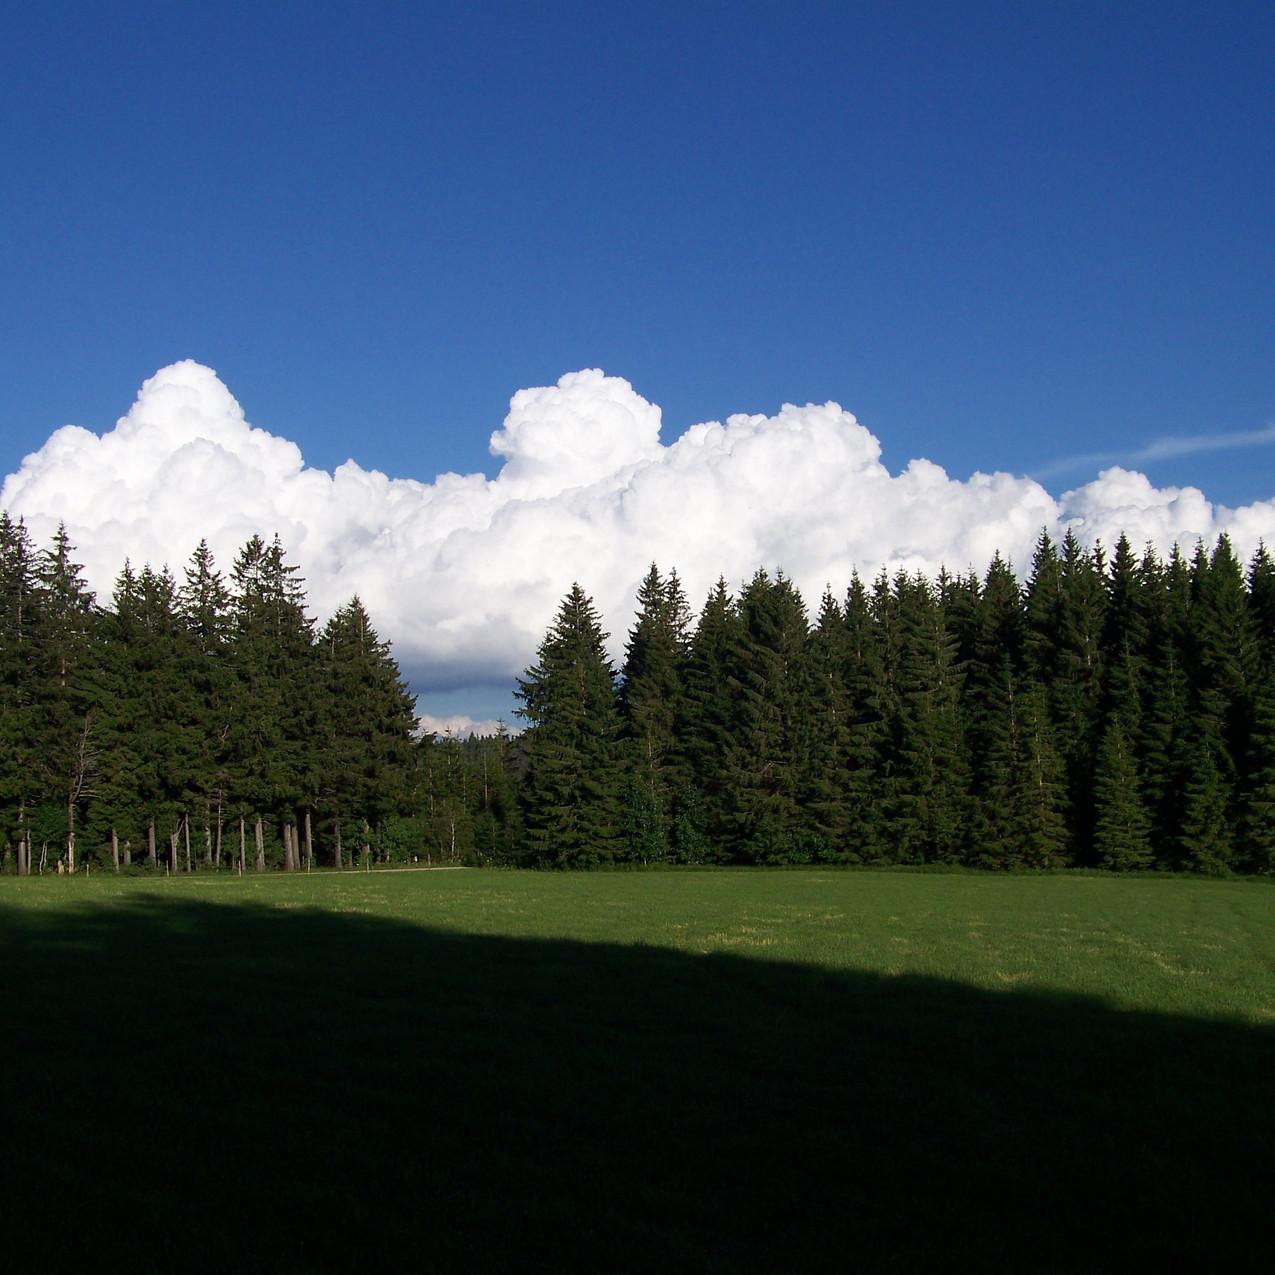 Abend wolken